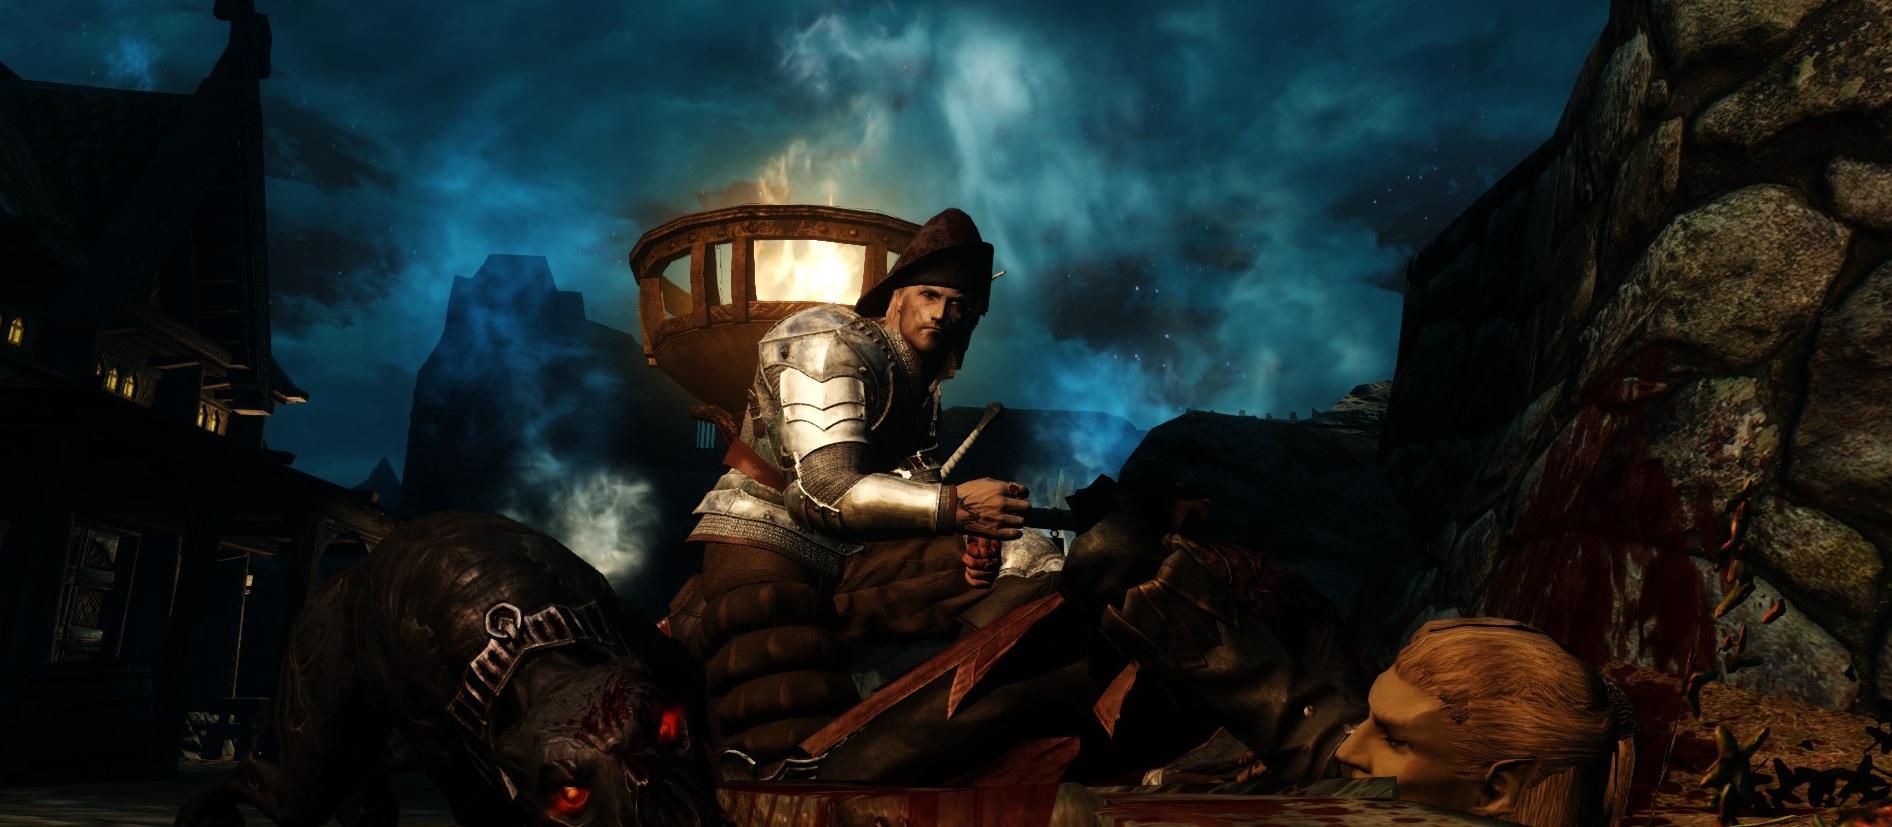 ...Твою же мать! Да это упырь! - Elder Scrolls 5: Skyrim, the Вассал Удачи